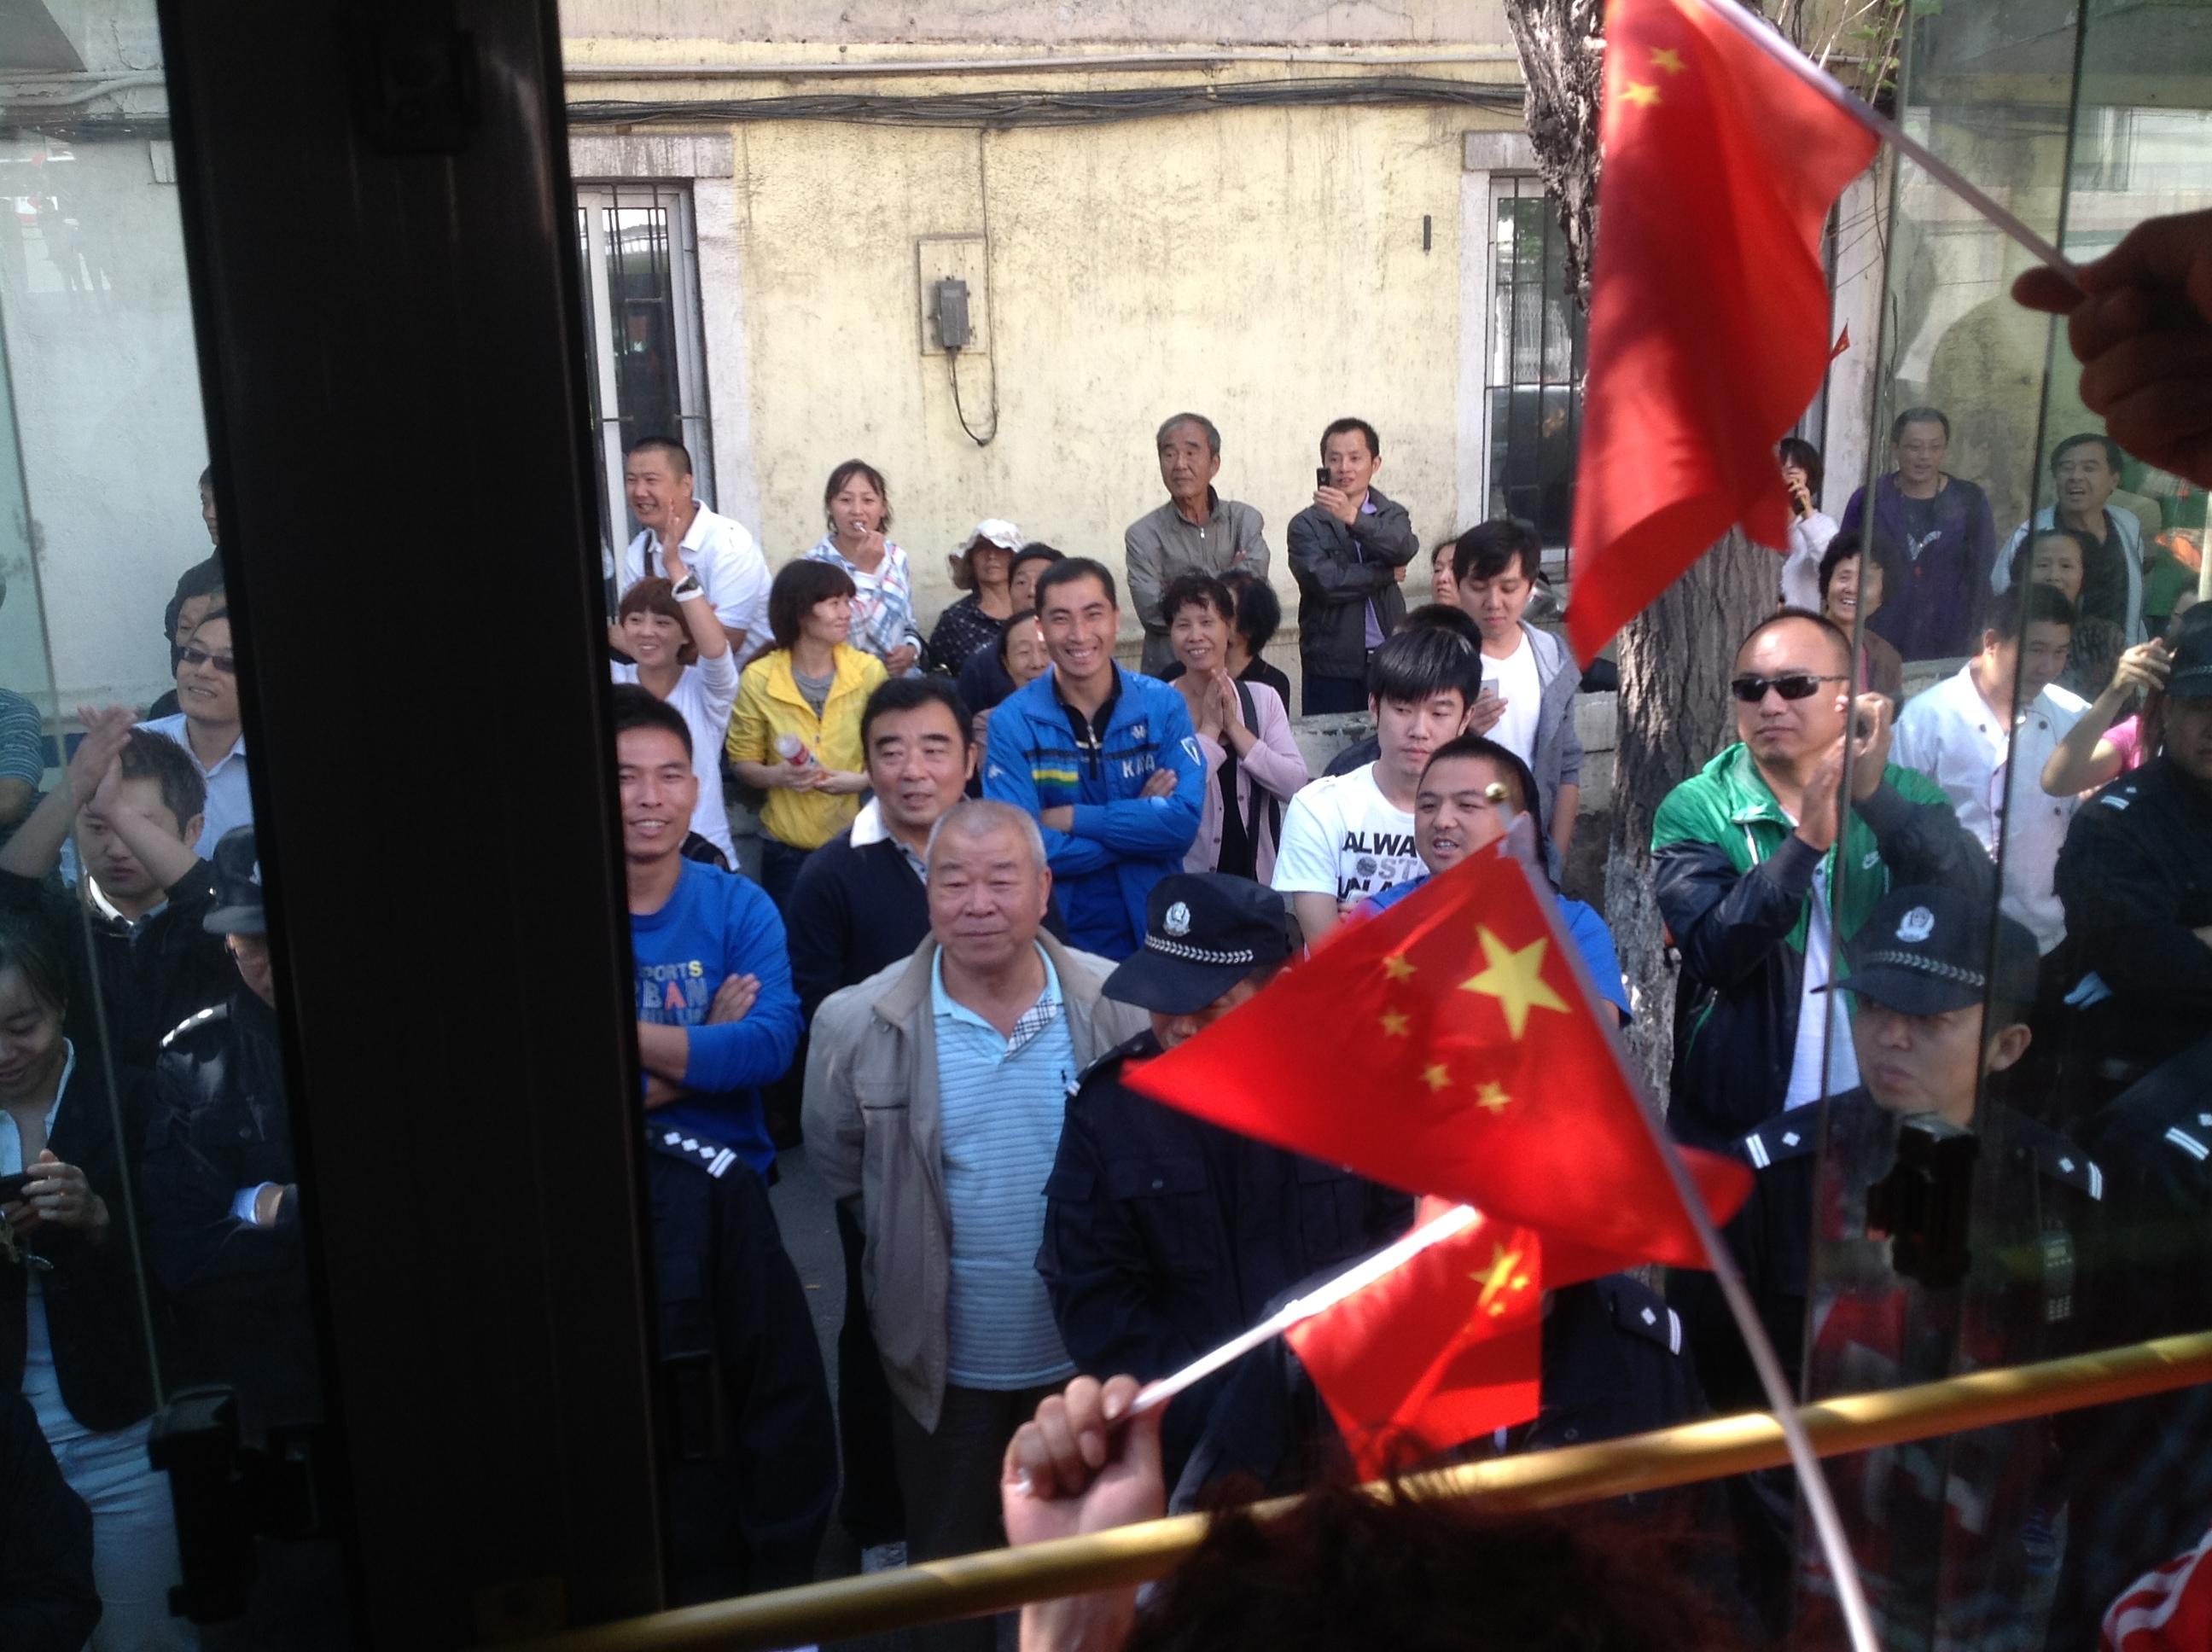 遊行公交外的圍觀群眾和警察